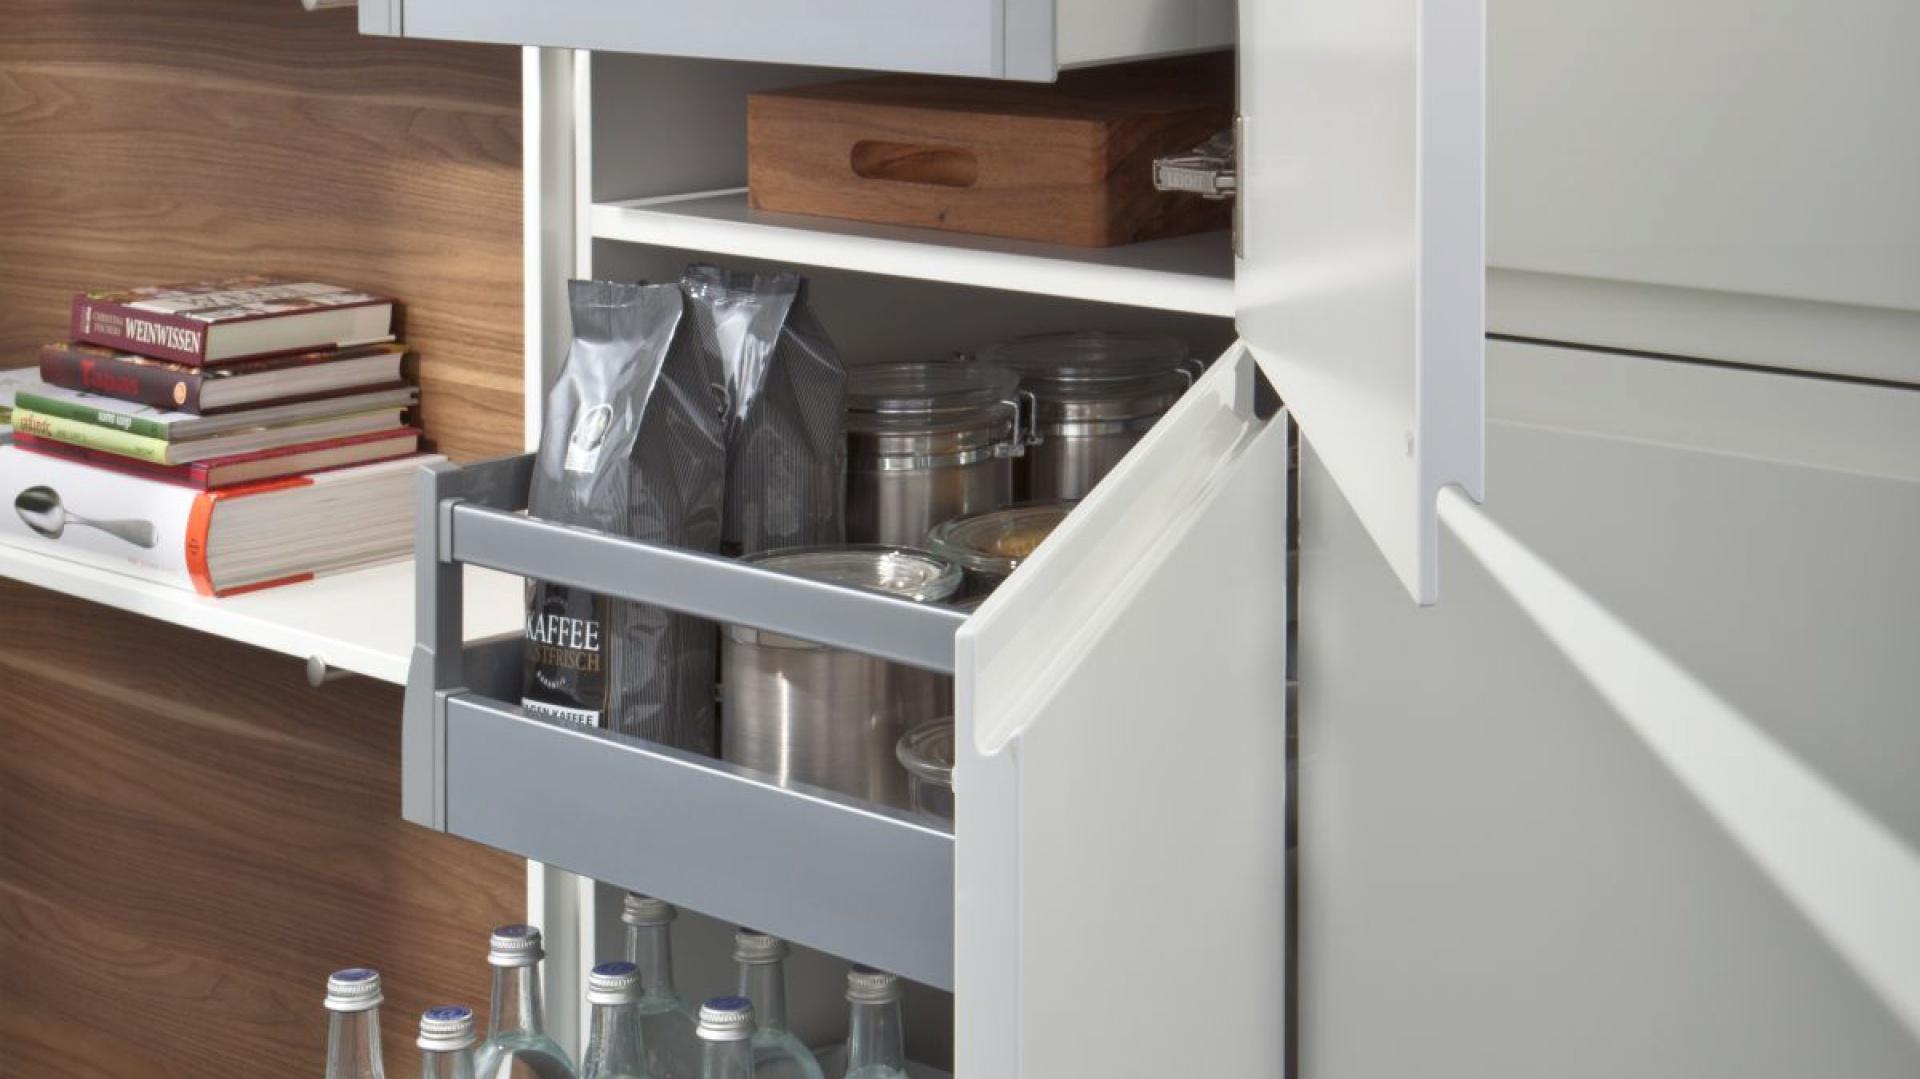 Praktyczne Przechowywanie W Kuchni 15 Sprawdzonych Pomysłów